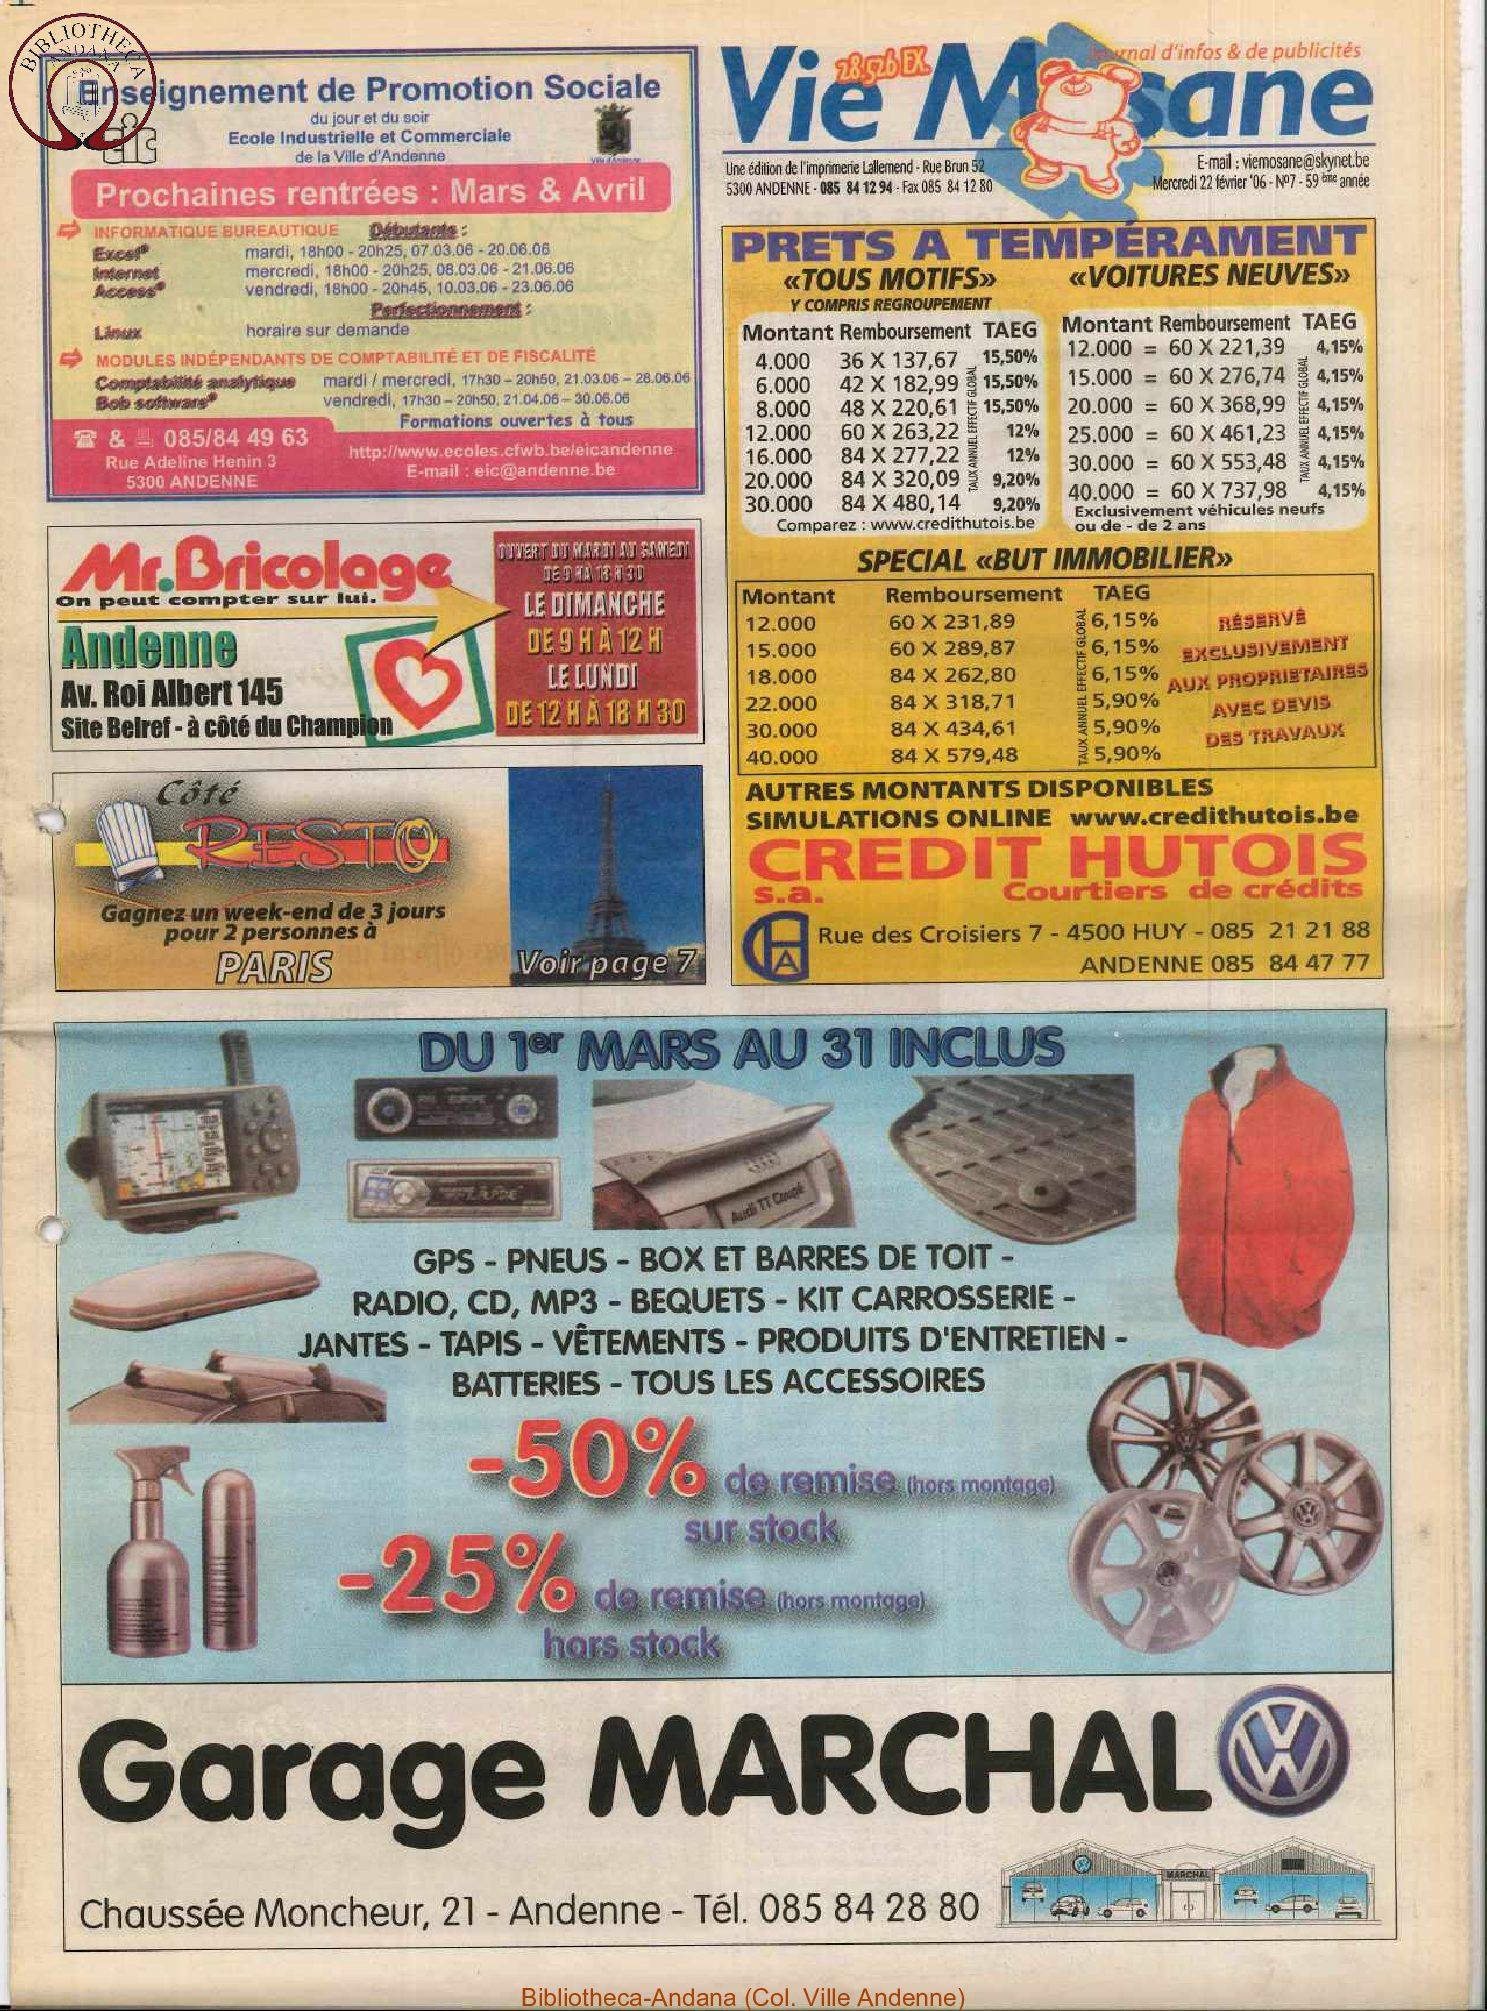 59e année - n°7 - 22 février 2006